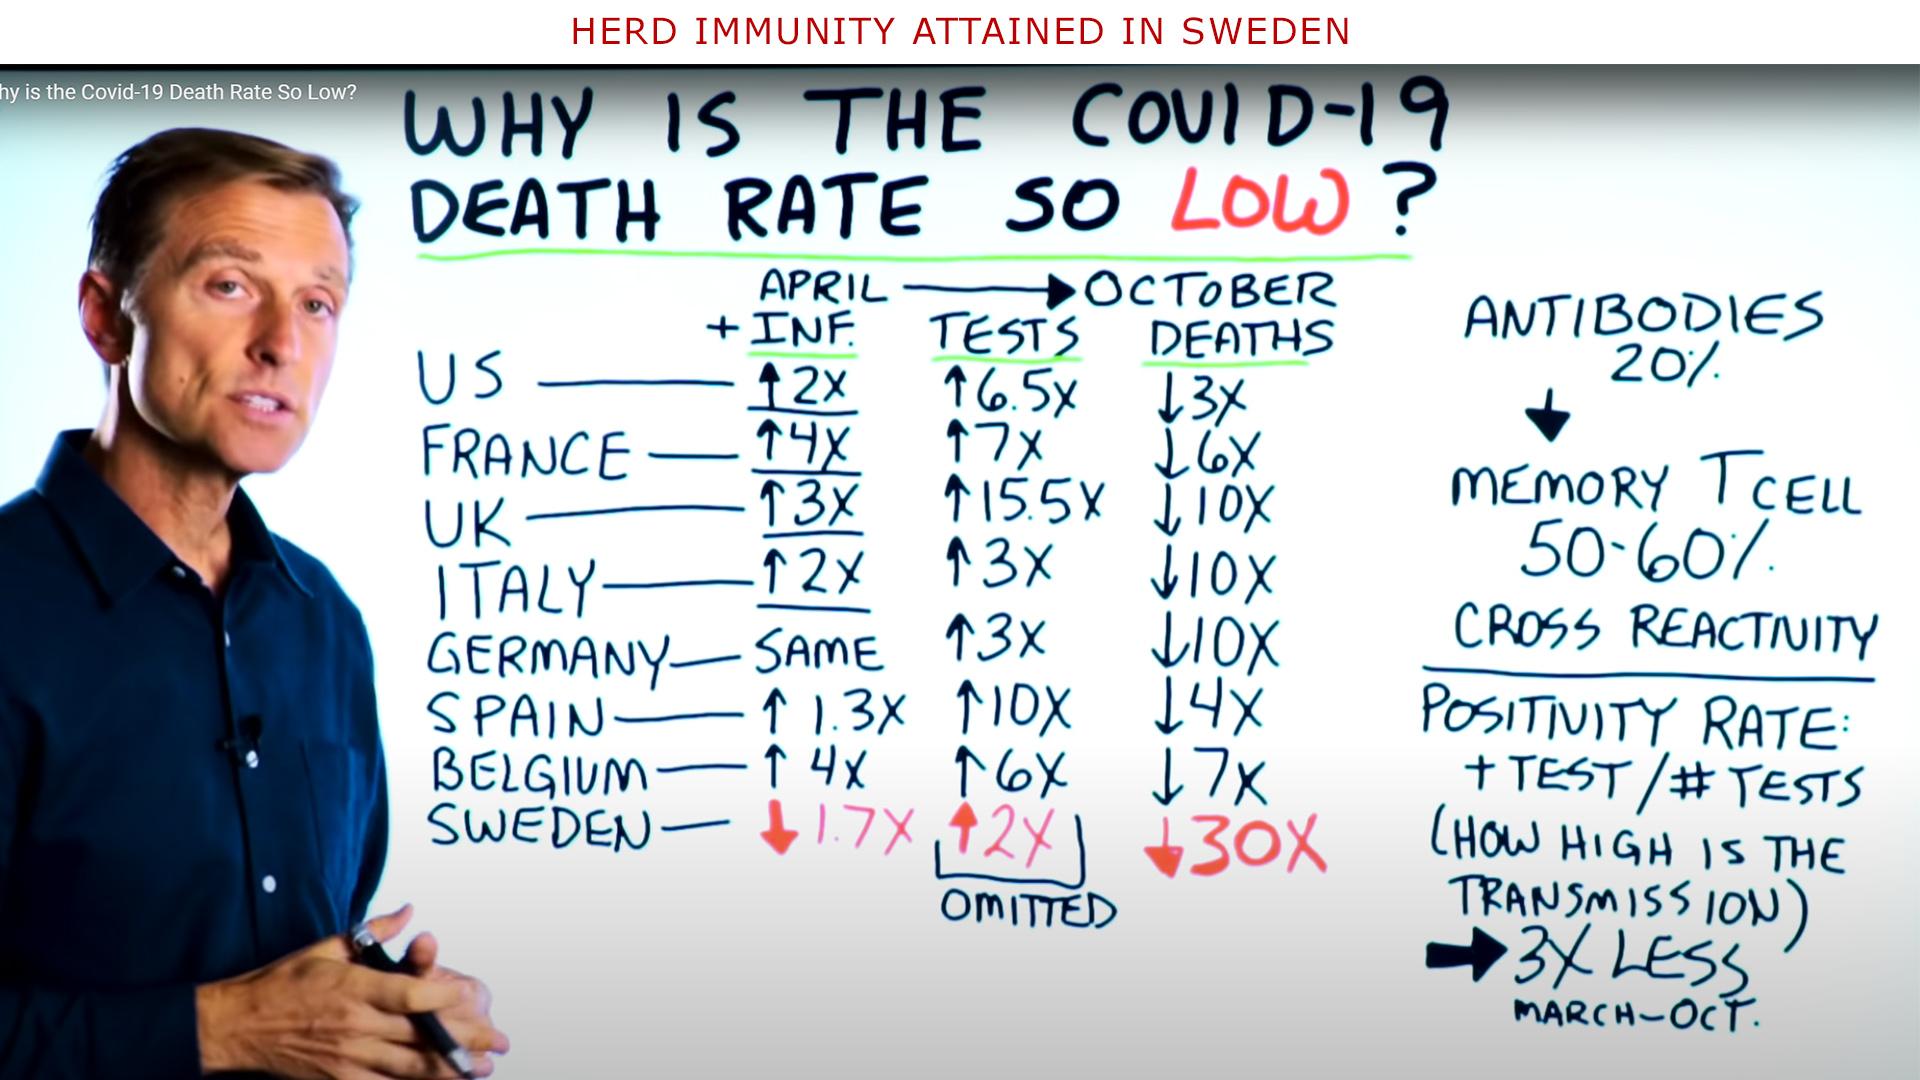 Herd immunity attained in Sweden?